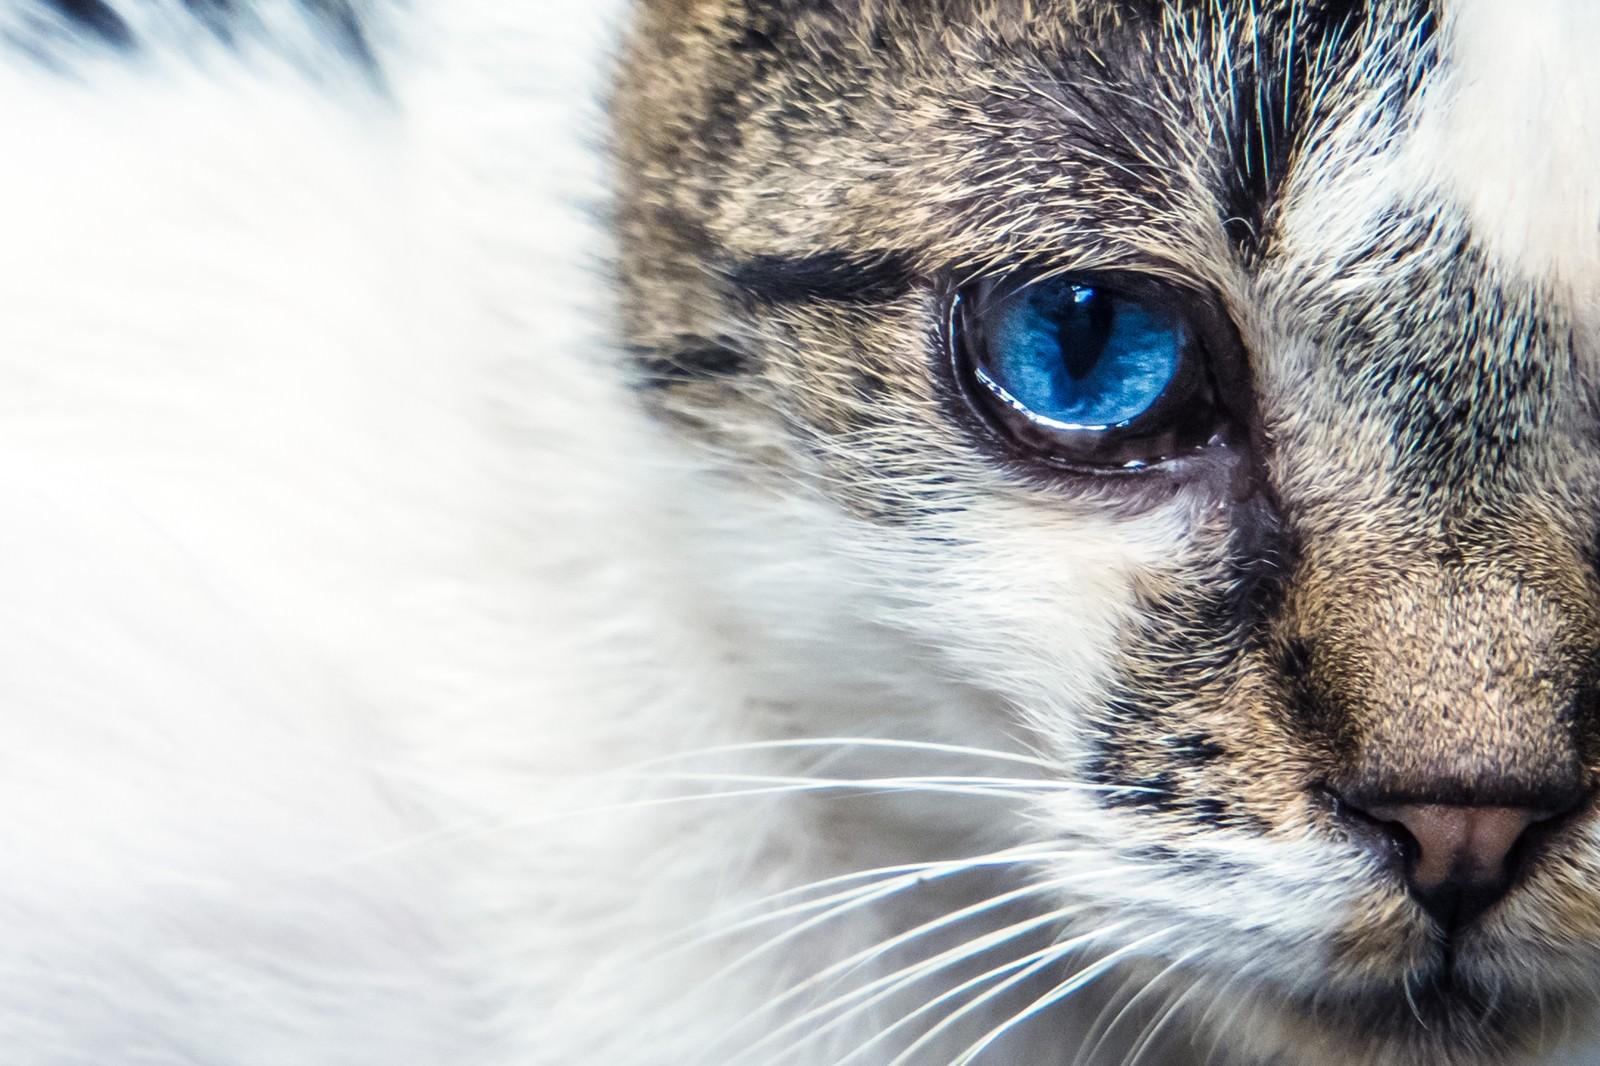 「蒼眼の猫」の写真